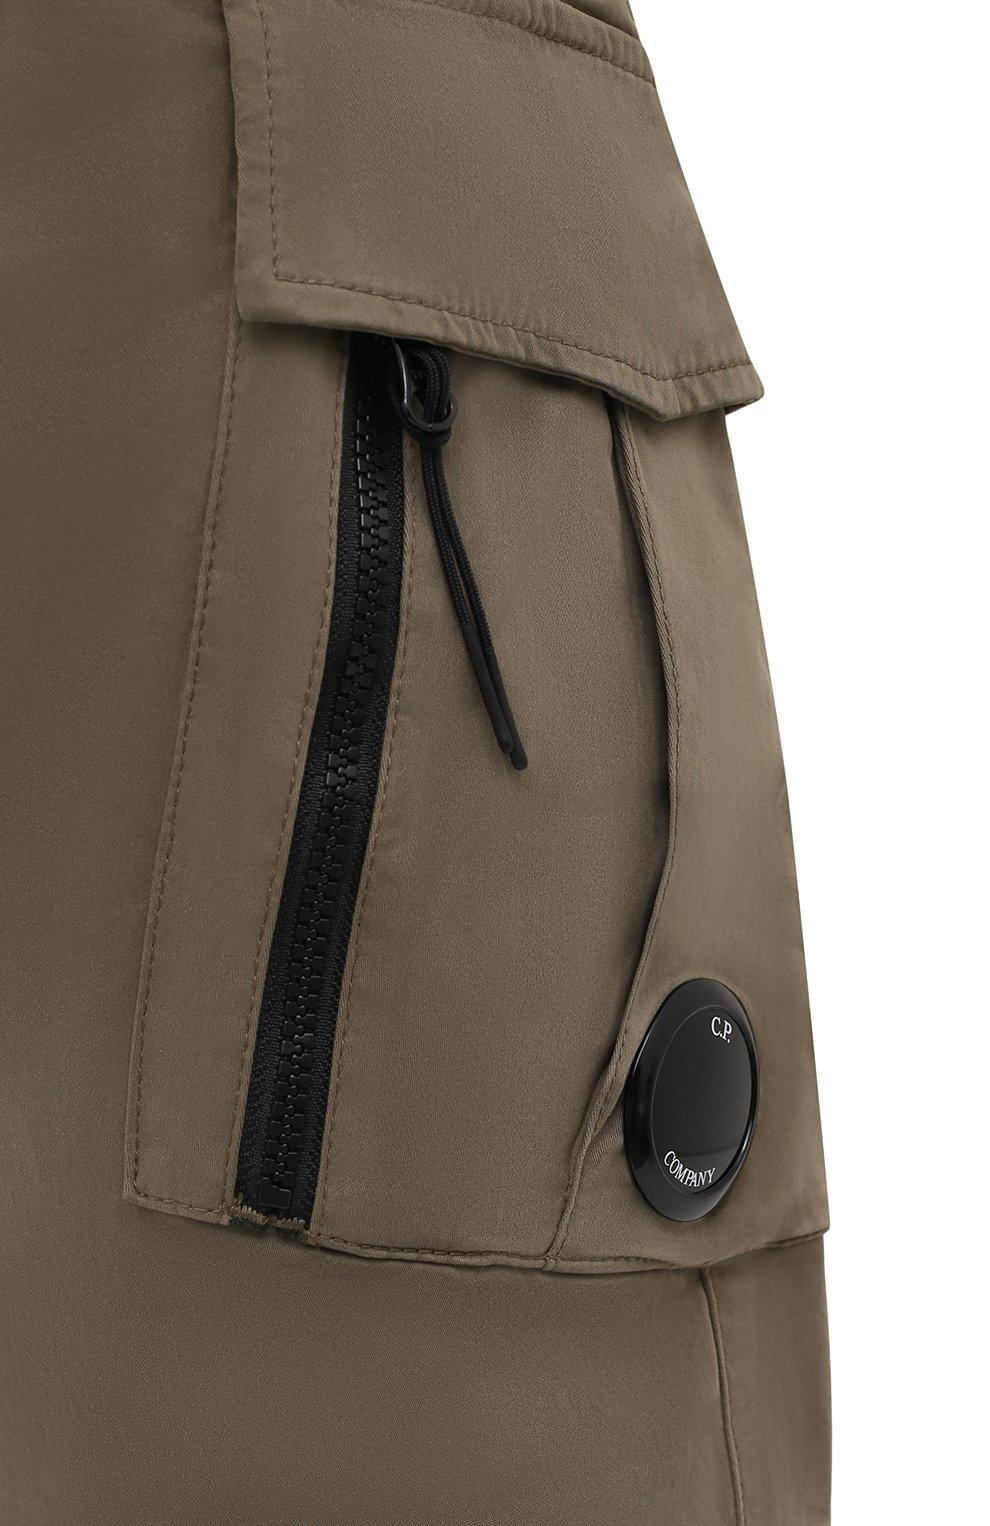 Мужские хлопковые брюки-карго C.P. COMPANY хаки цвета, арт. 11CMPA226A-005529G | Фото 5 (Силуэт М (брюки): Карго; Длина (брюки, джинсы): Стандартные; Случай: Повседневный; Стили: Милитари; Материал внешний: Хлопок)